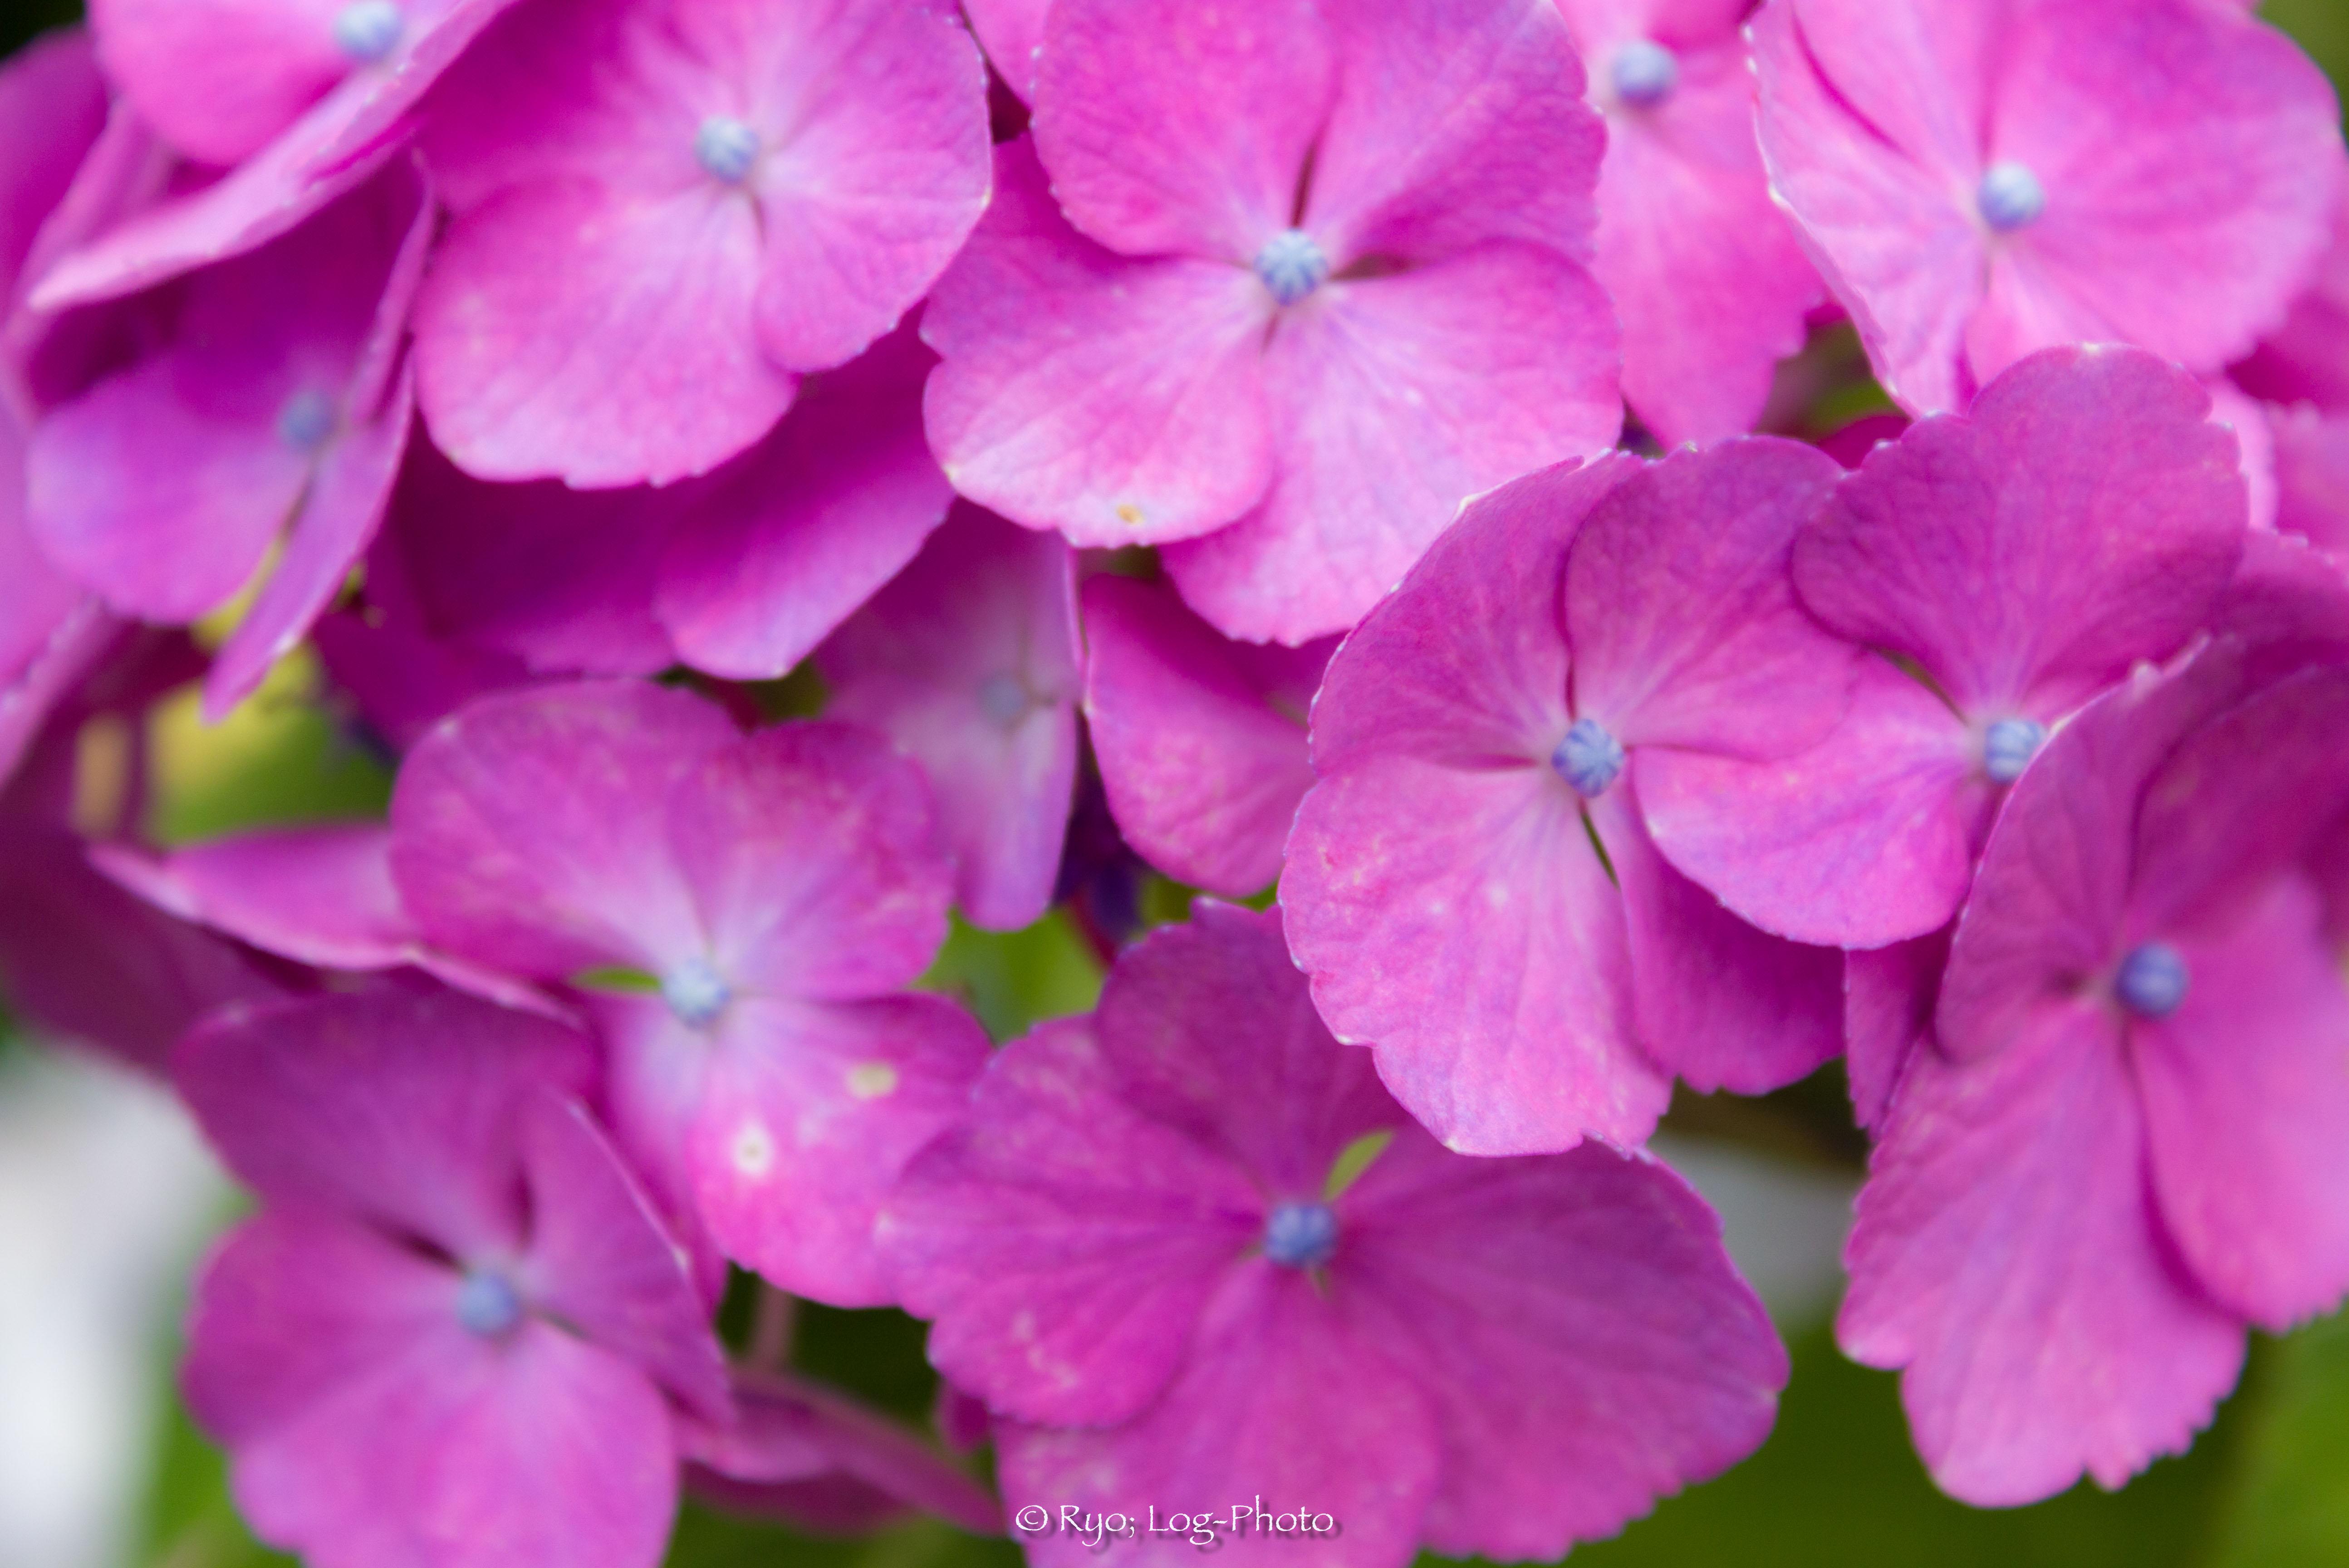 花びらはギザギザだったり、まあるかったり